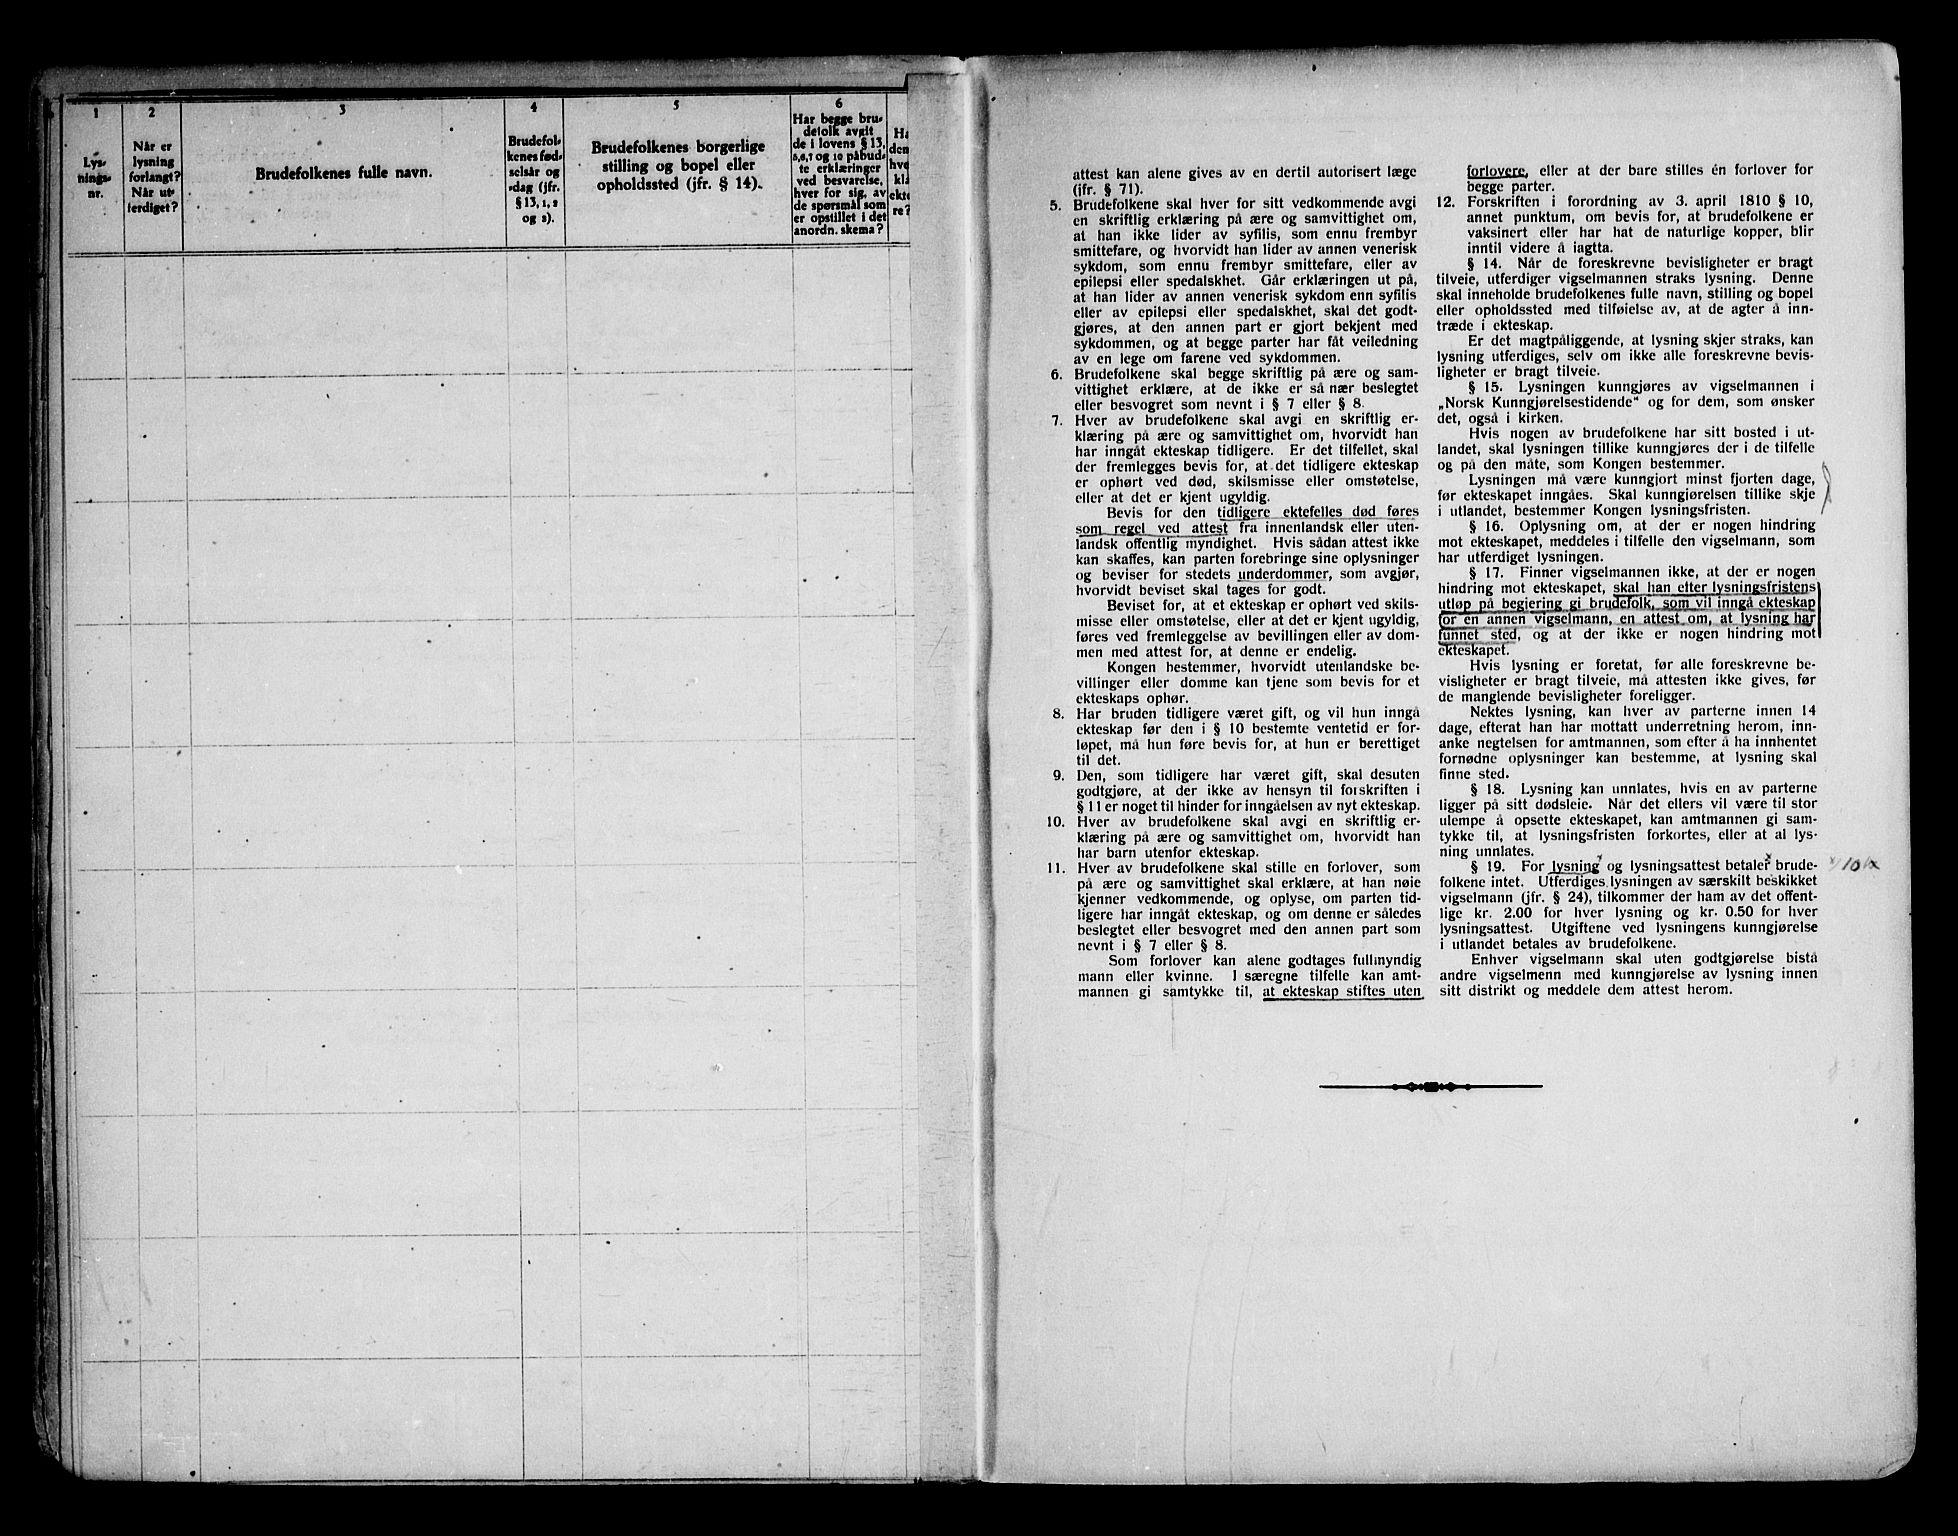 SAKO, Notodden kirkebøker, H/Ha/L0001: Lysningsprotokoll nr. 1, 1919-1945